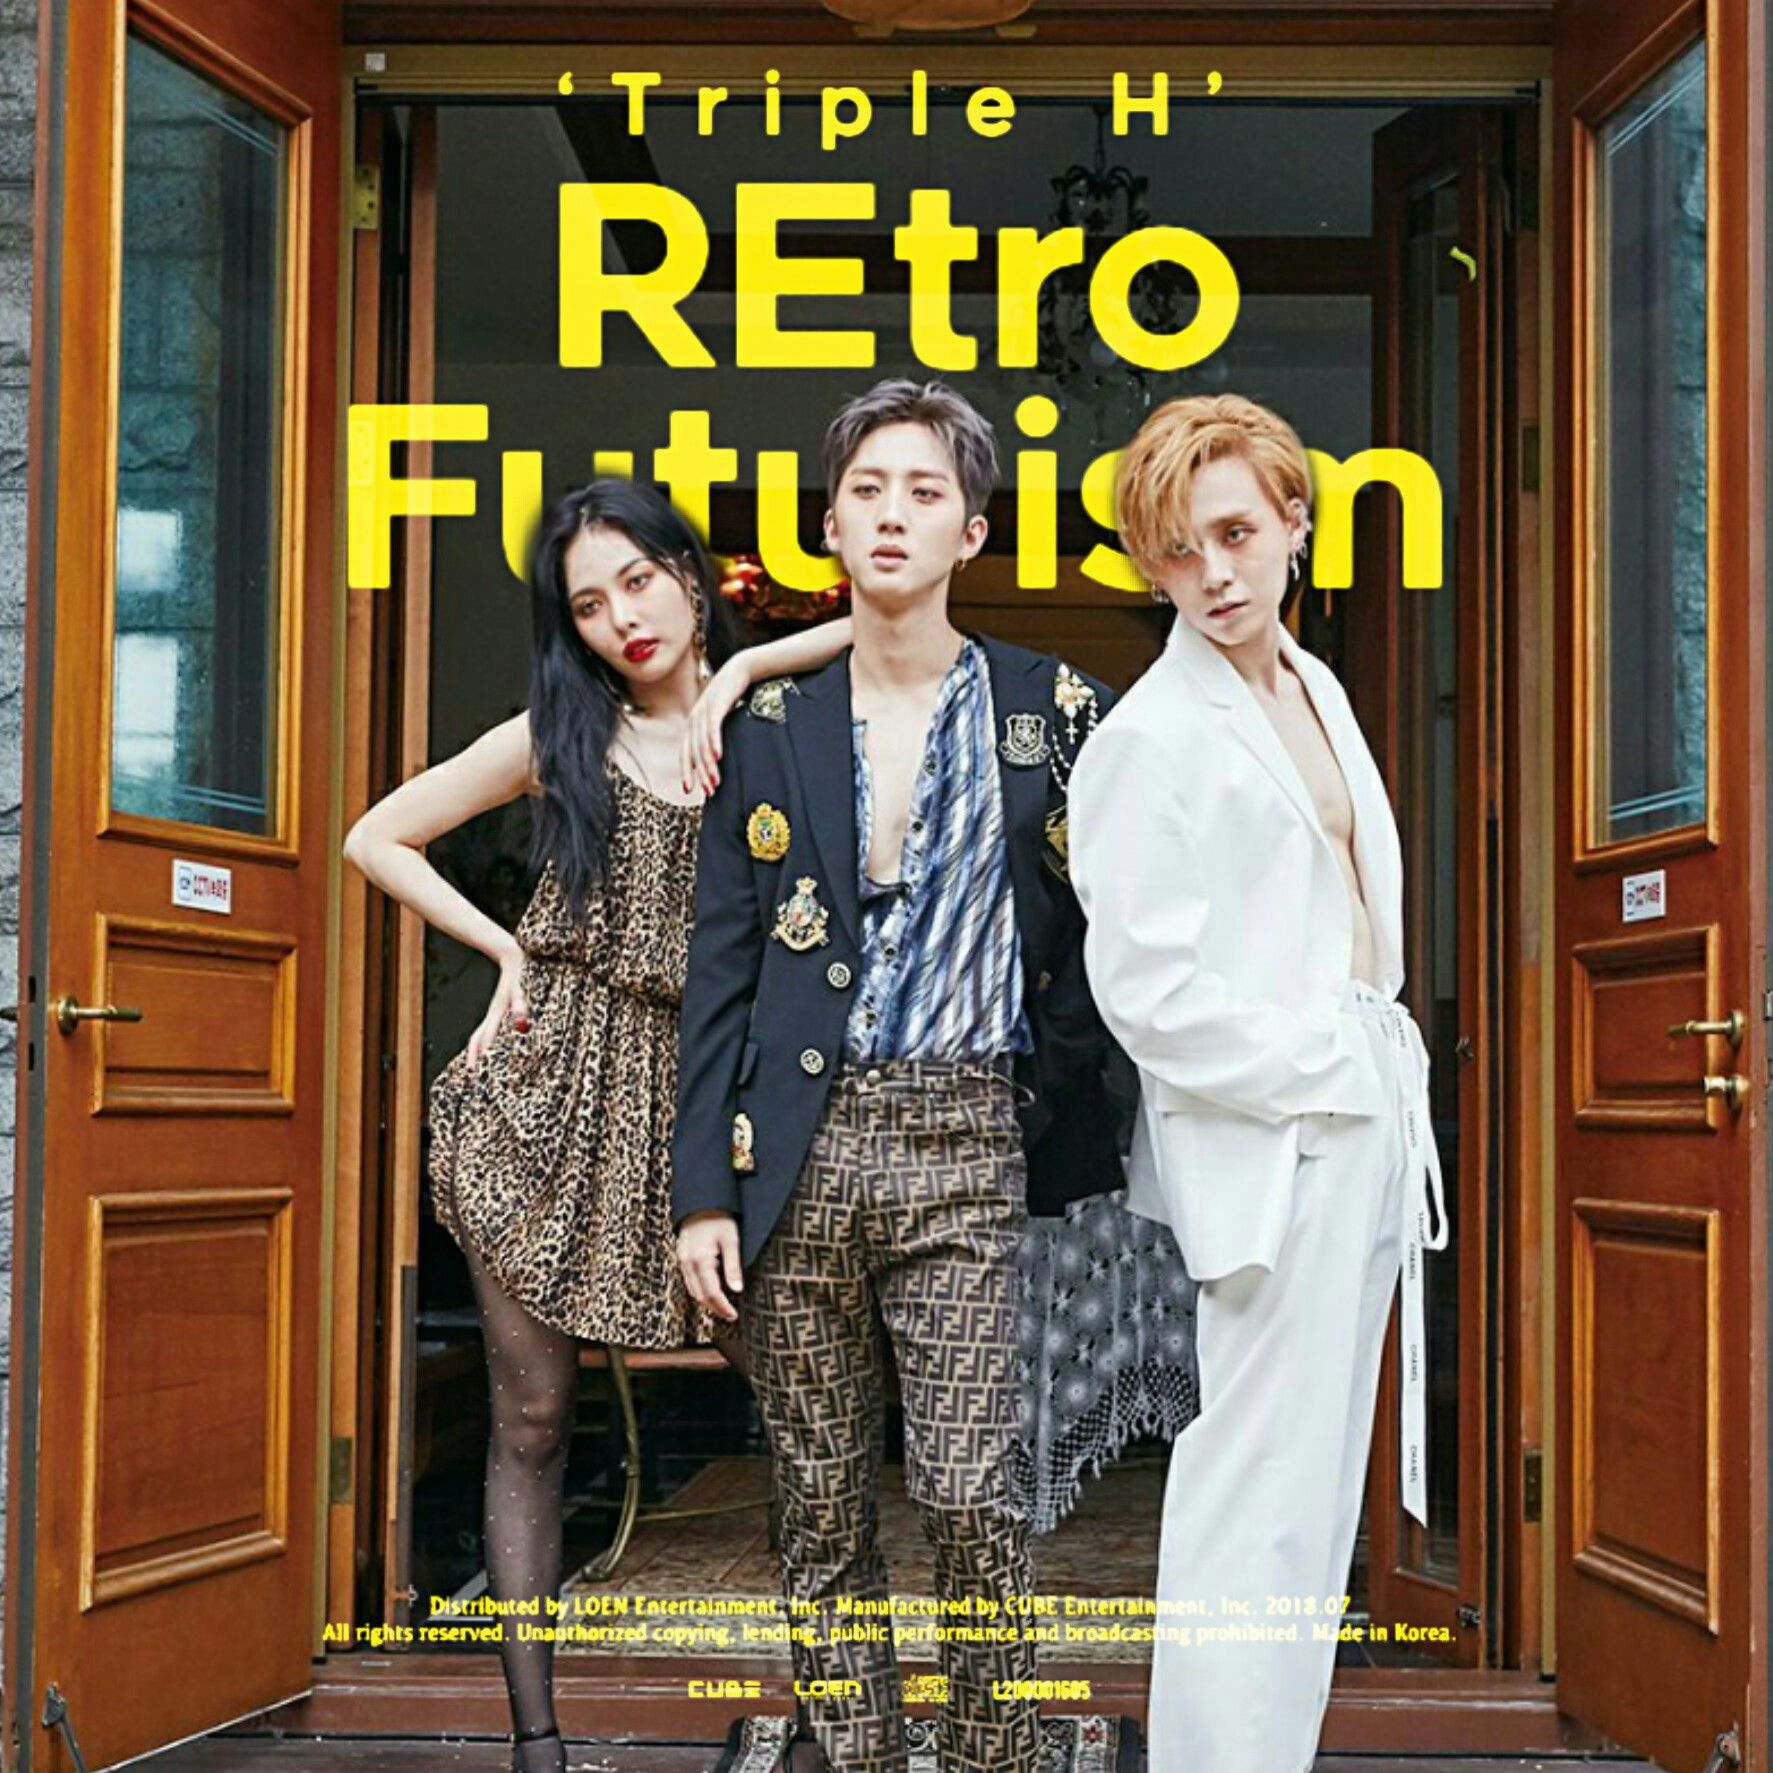 Triple H Retro Future Retro Futurism Album Cover By Lealbum Triple H Retro Futurism Album Covers